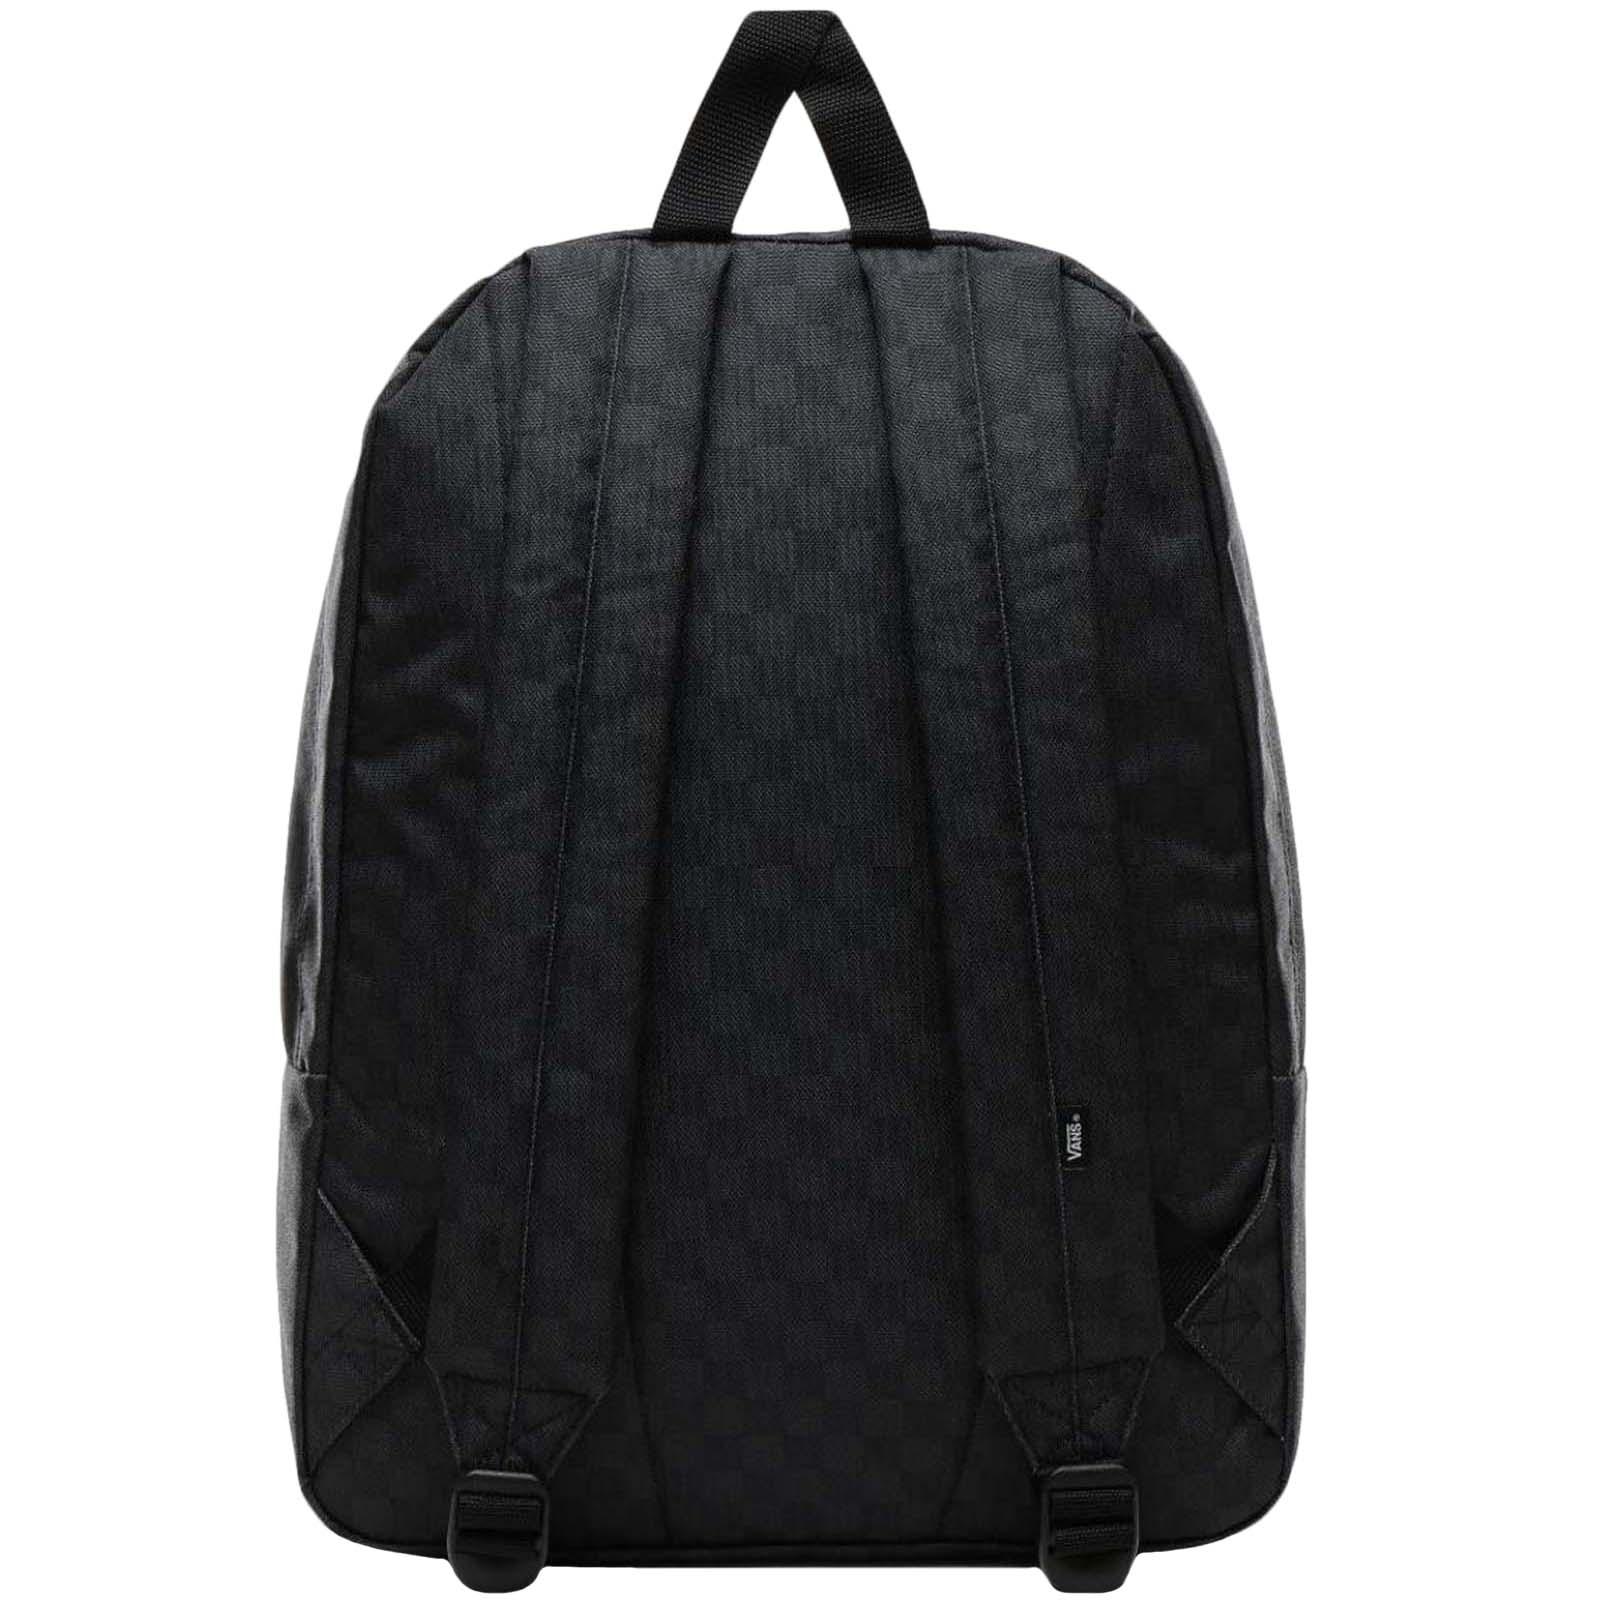 thumbnail 7 - Vans Adults Old Skool III School College Two Strap Backpack Rucksack Bag